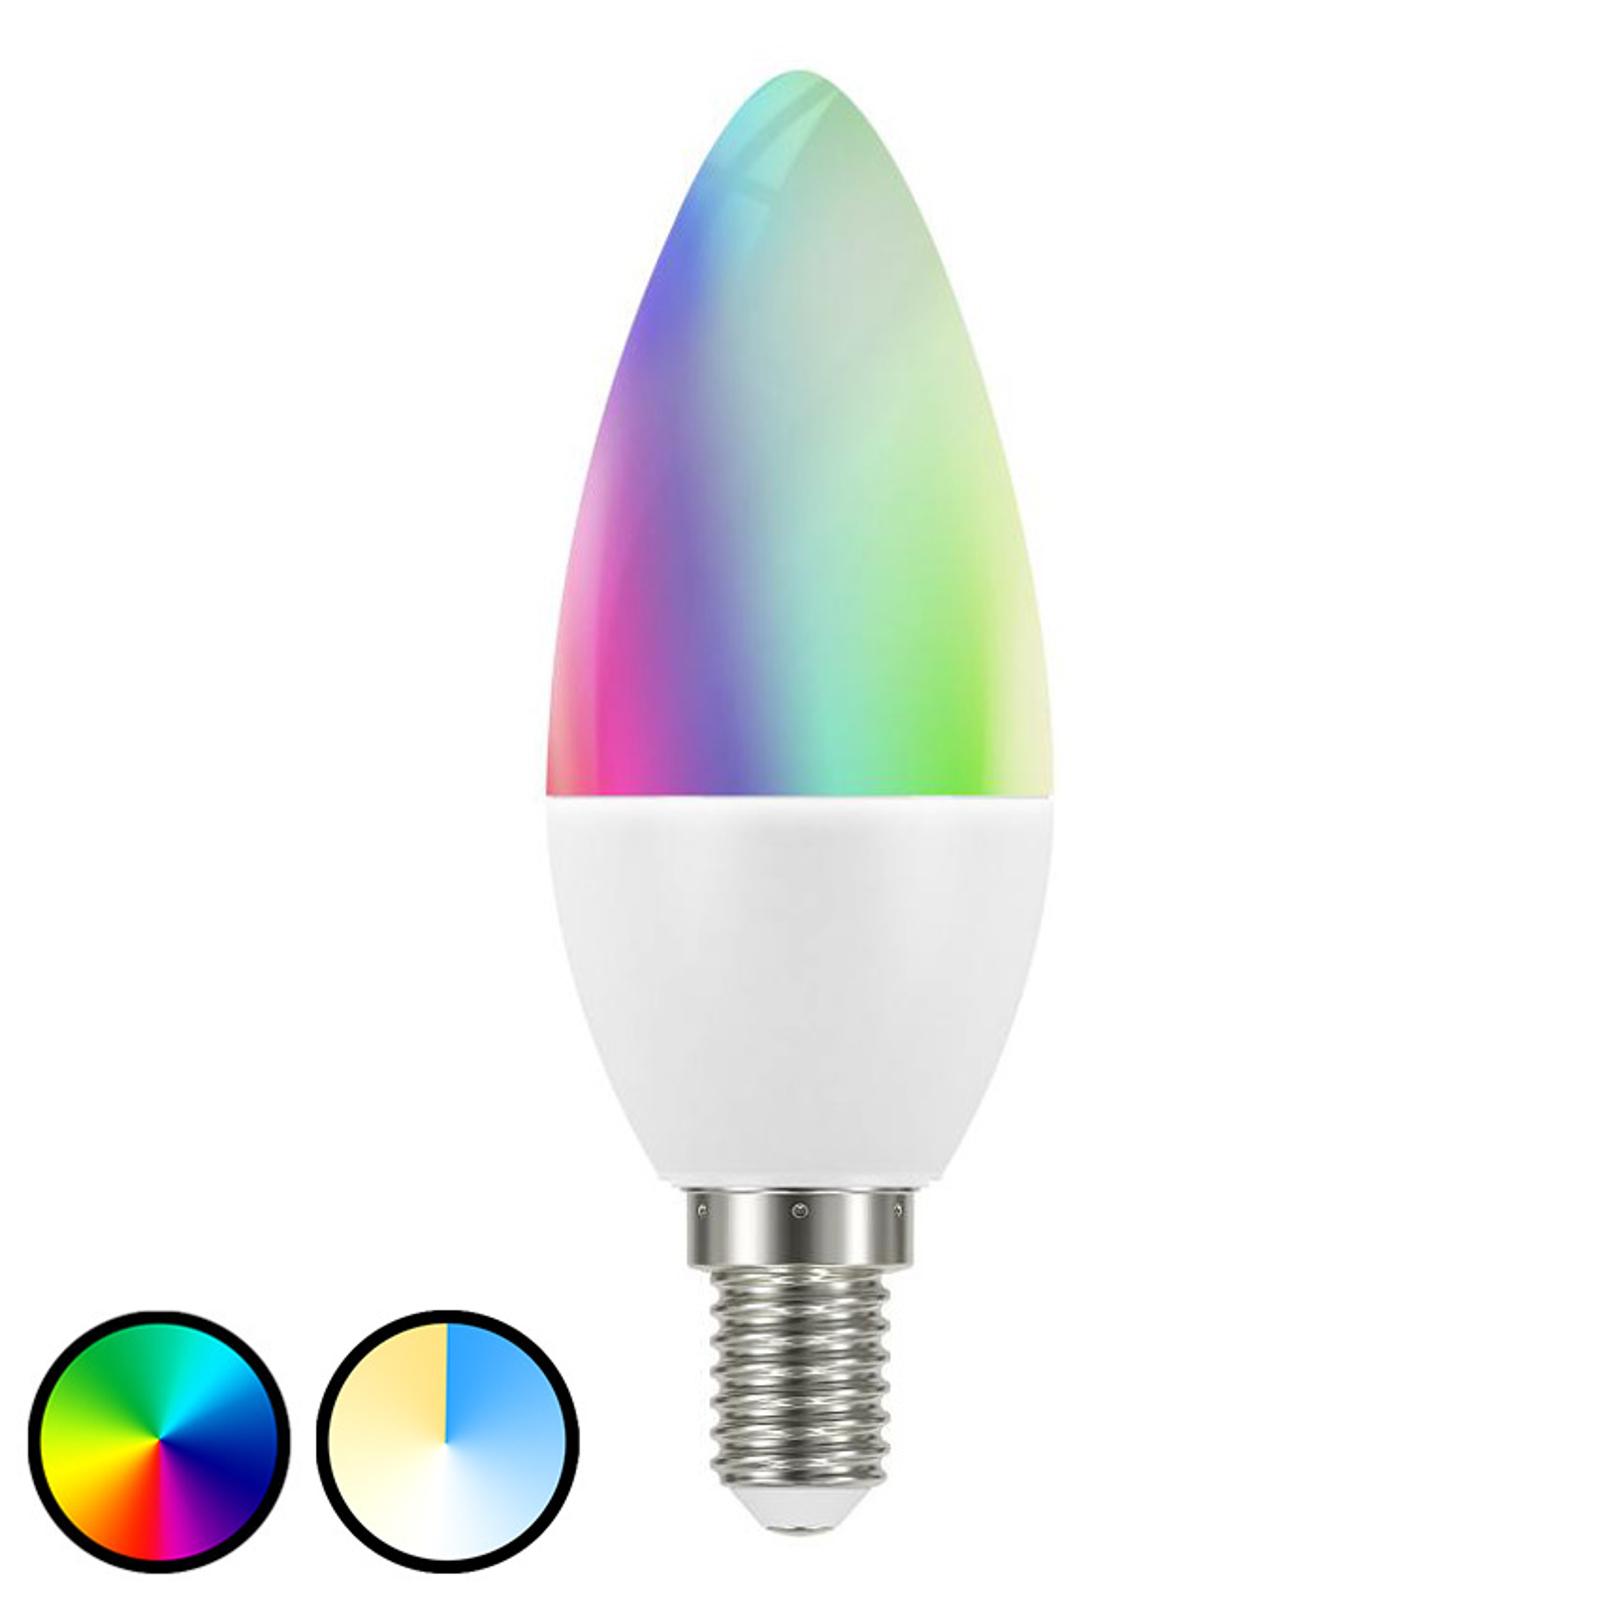 Müller Licht tint white+color ampoule LED E14 6W